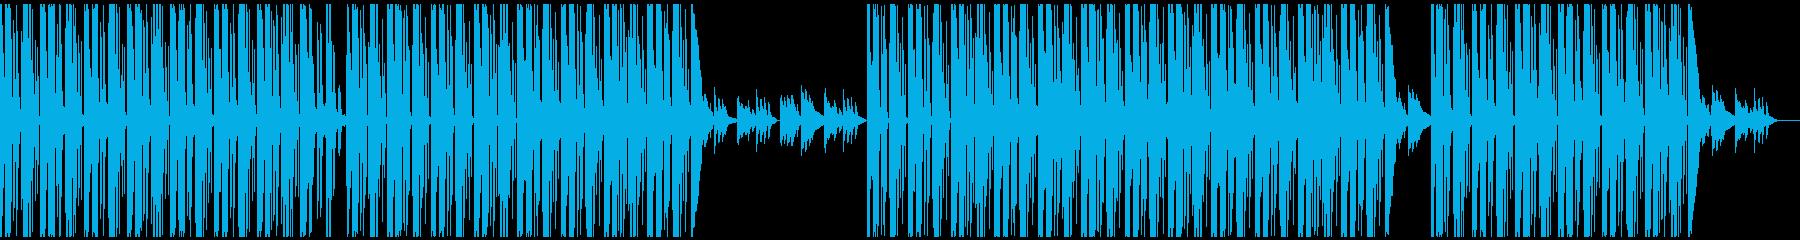 たまーにピアノの音がフラッシュバックするの再生済みの波形